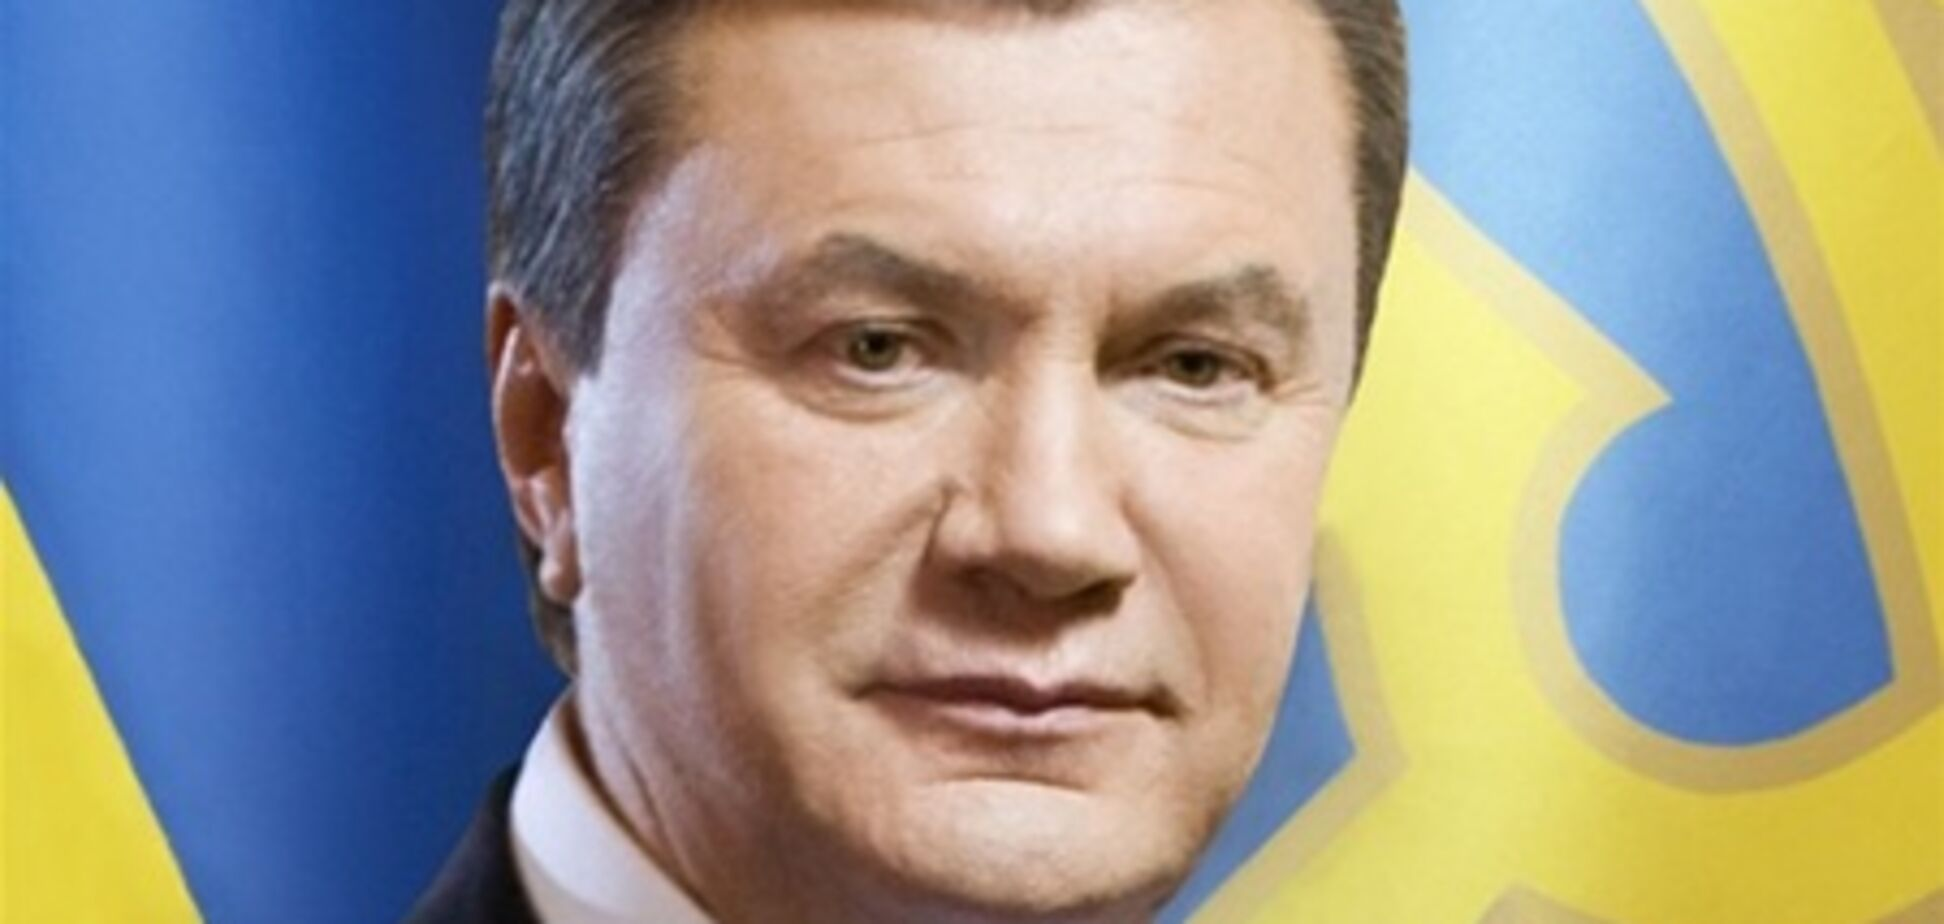 Янукович: ООН потрібна реформа